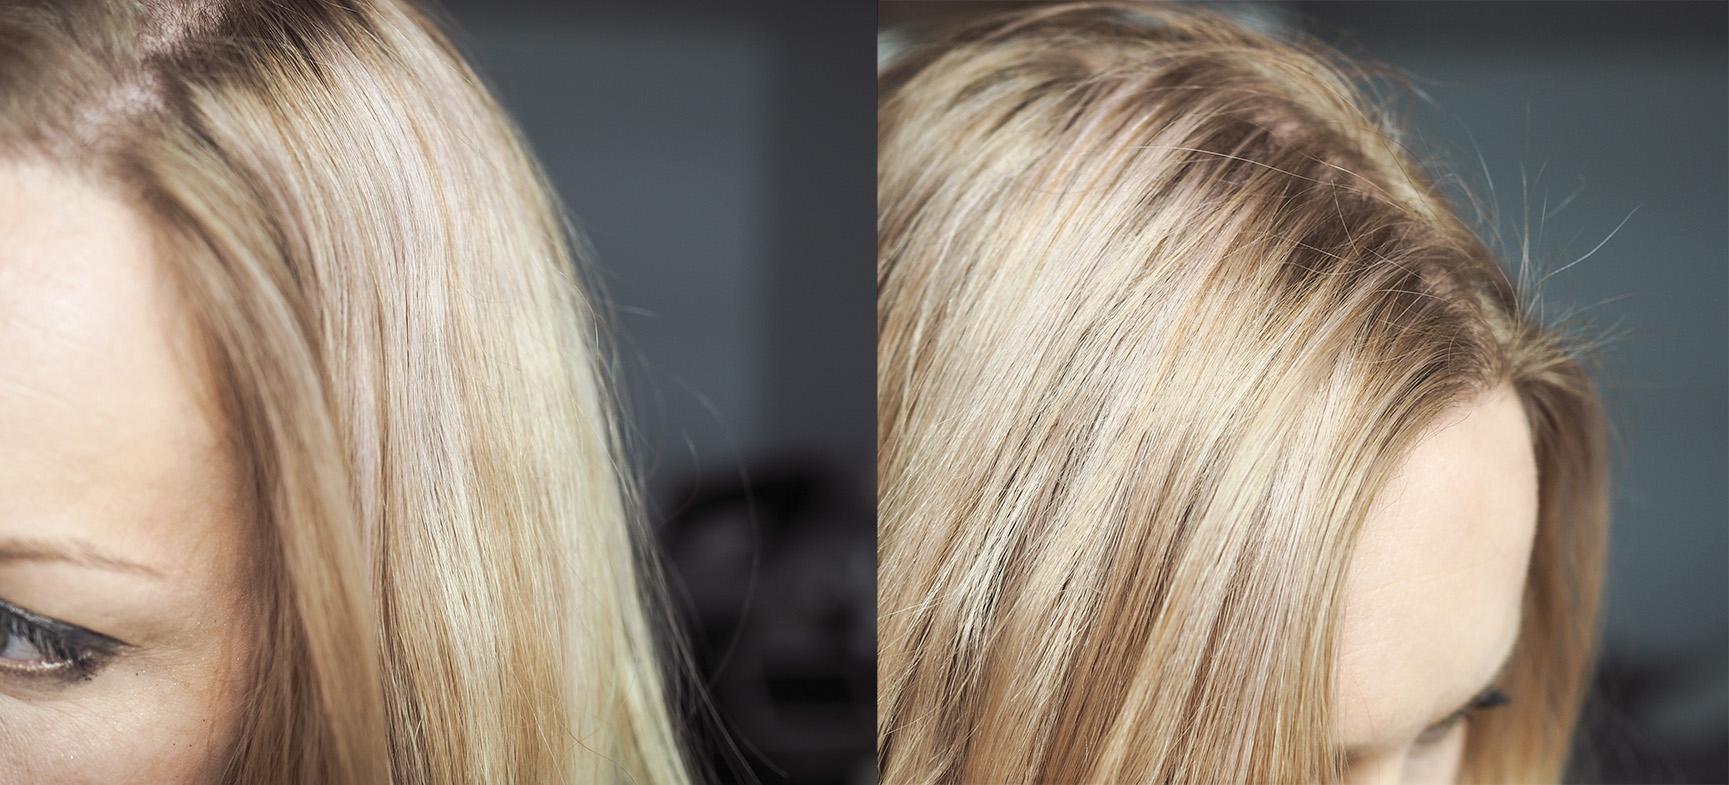 Shampoo himmeille, kiillottomille hiuksille